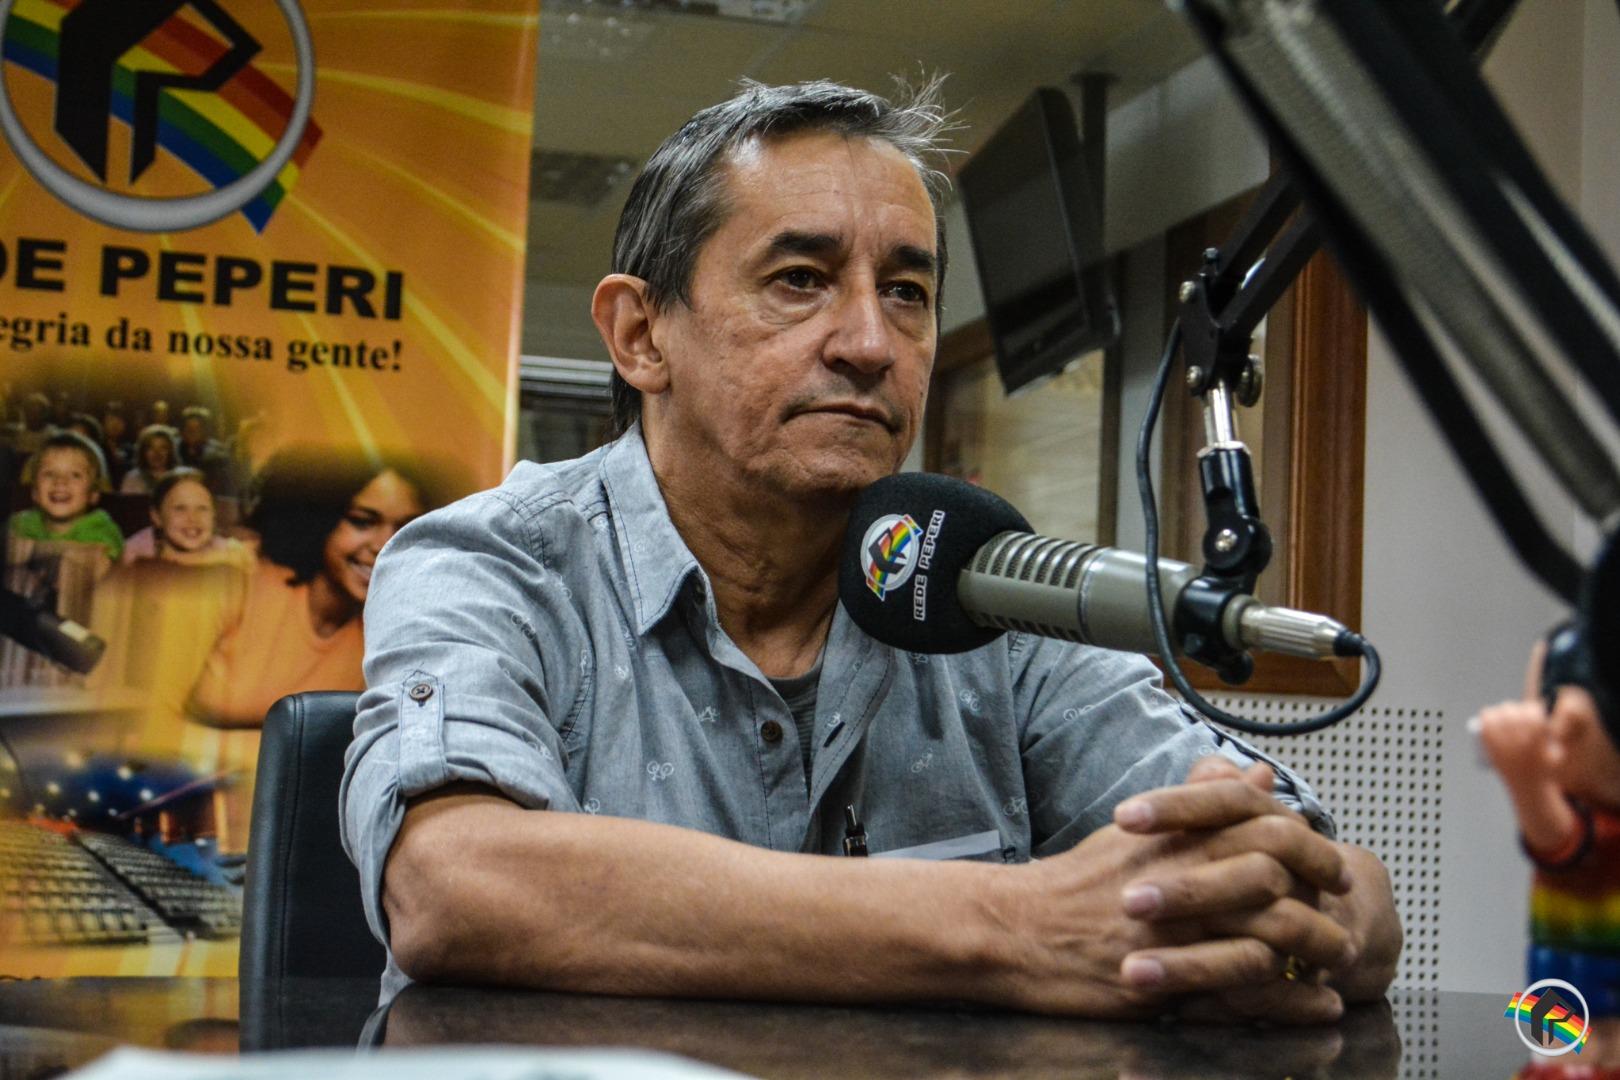 VÍDEO: Peperi recebe o Presidente da Cooperoeste Terra Viva